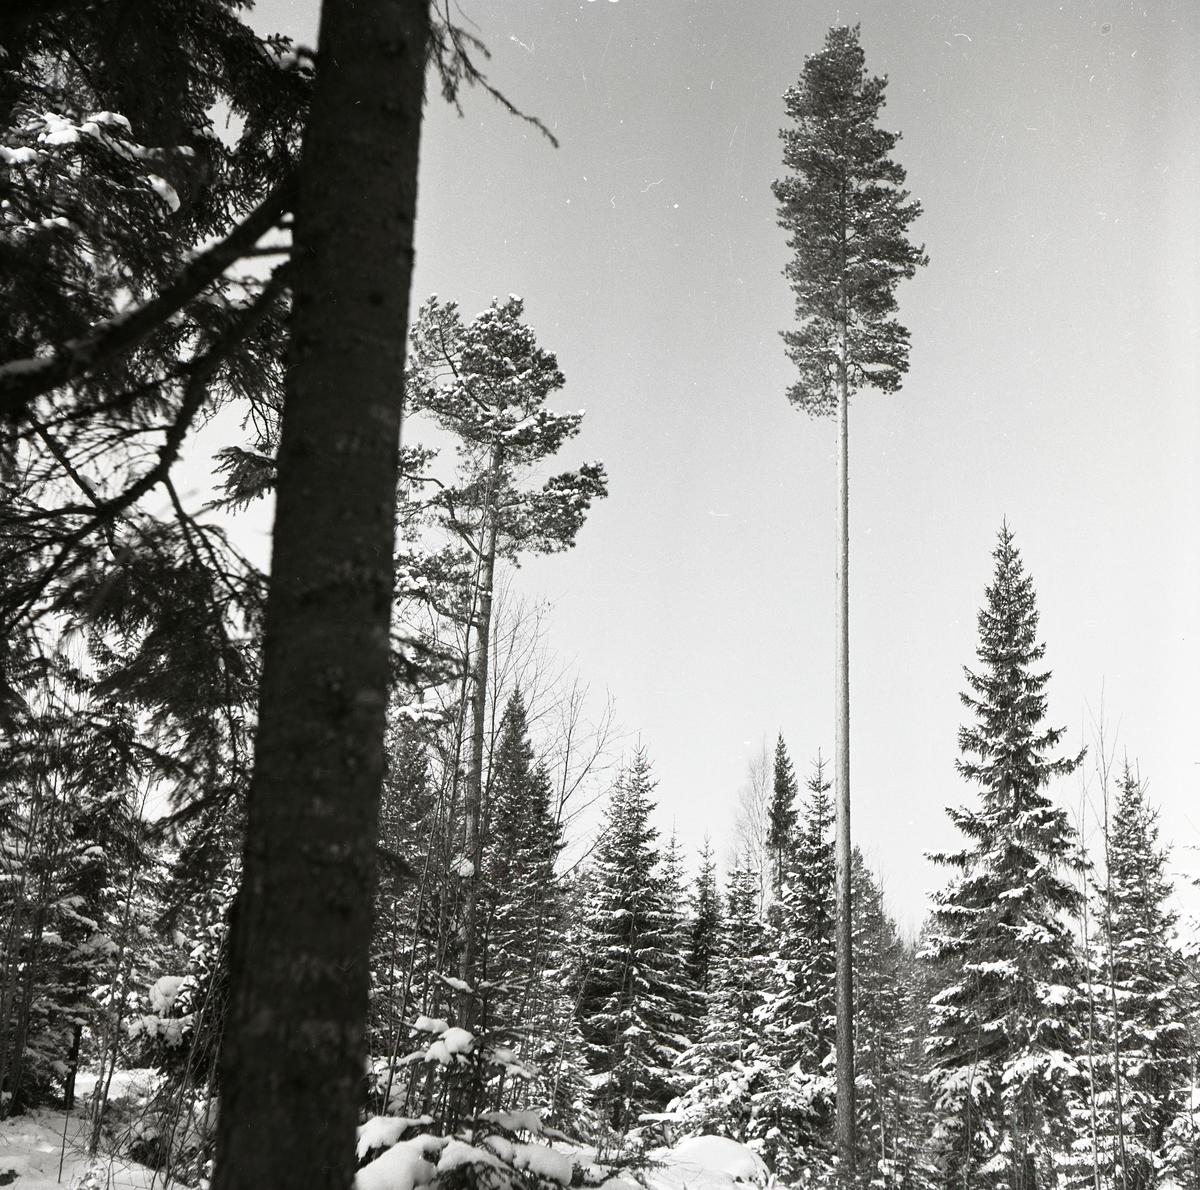 En lång tall på ett skifte med snötäckt granskog, 23 mars 1953.